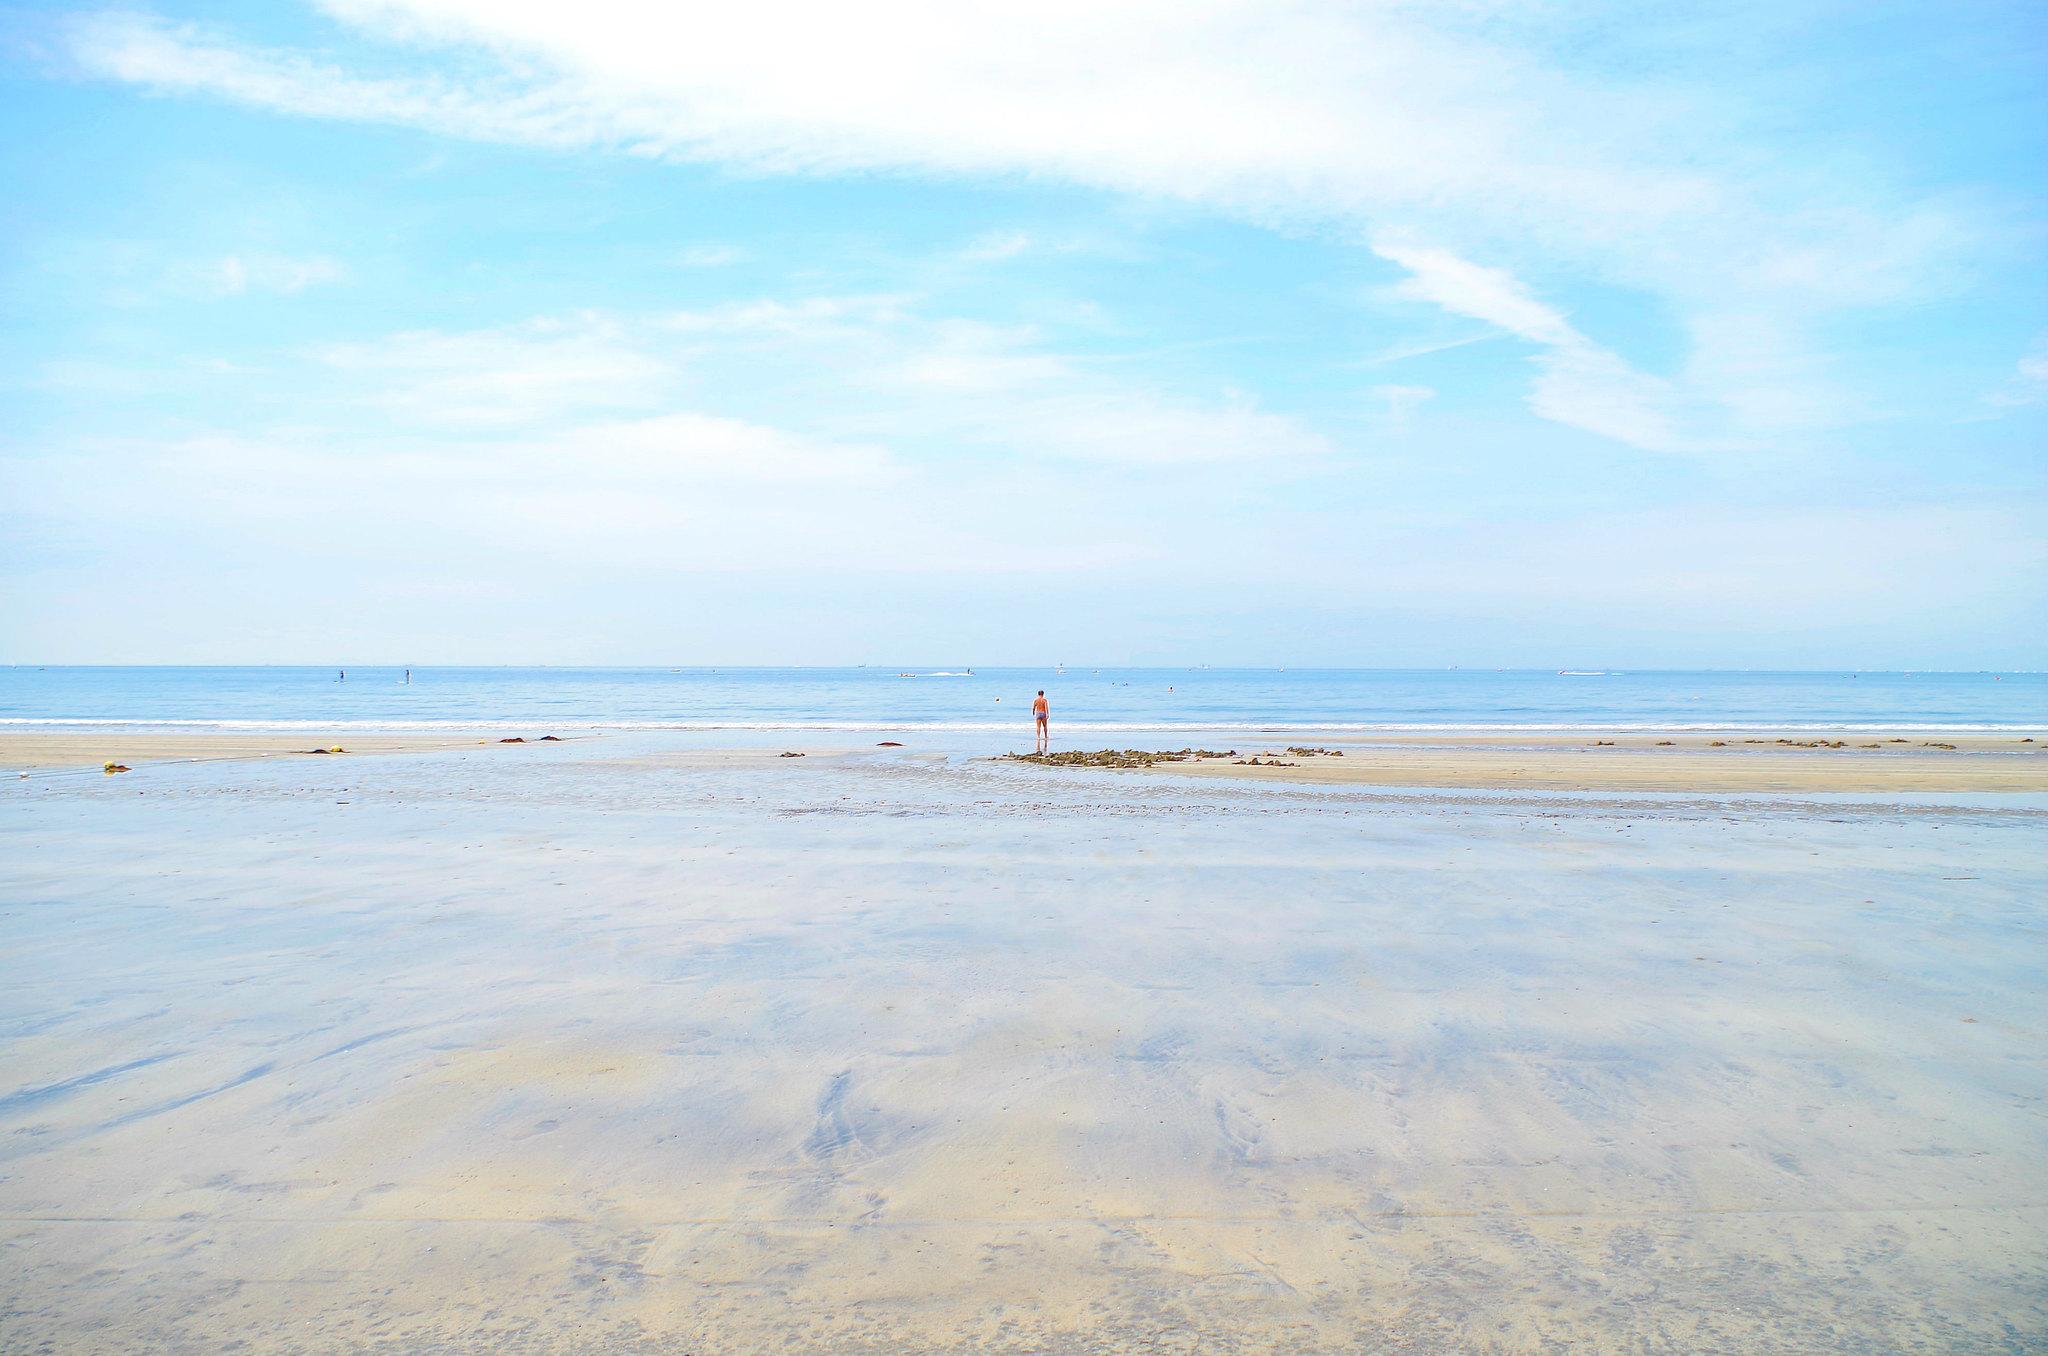 best beaches near tokyo - yuigahama beach